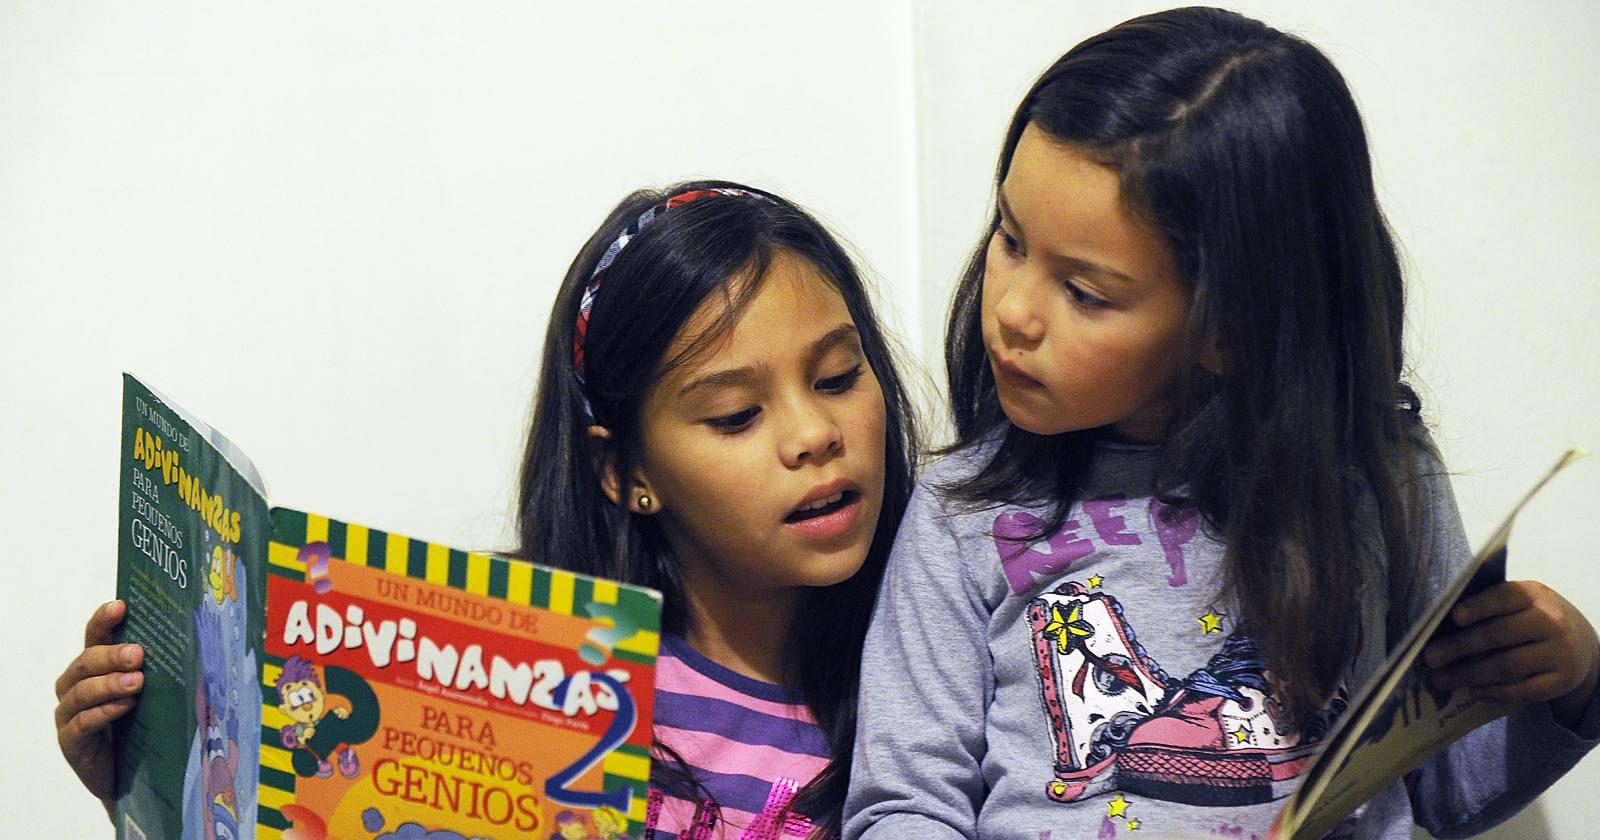 El desafío de aprender a leer sin tener clases presenciales: ¿qué pueden hacer los padres para ayudar a los niños que cursan primero básico?